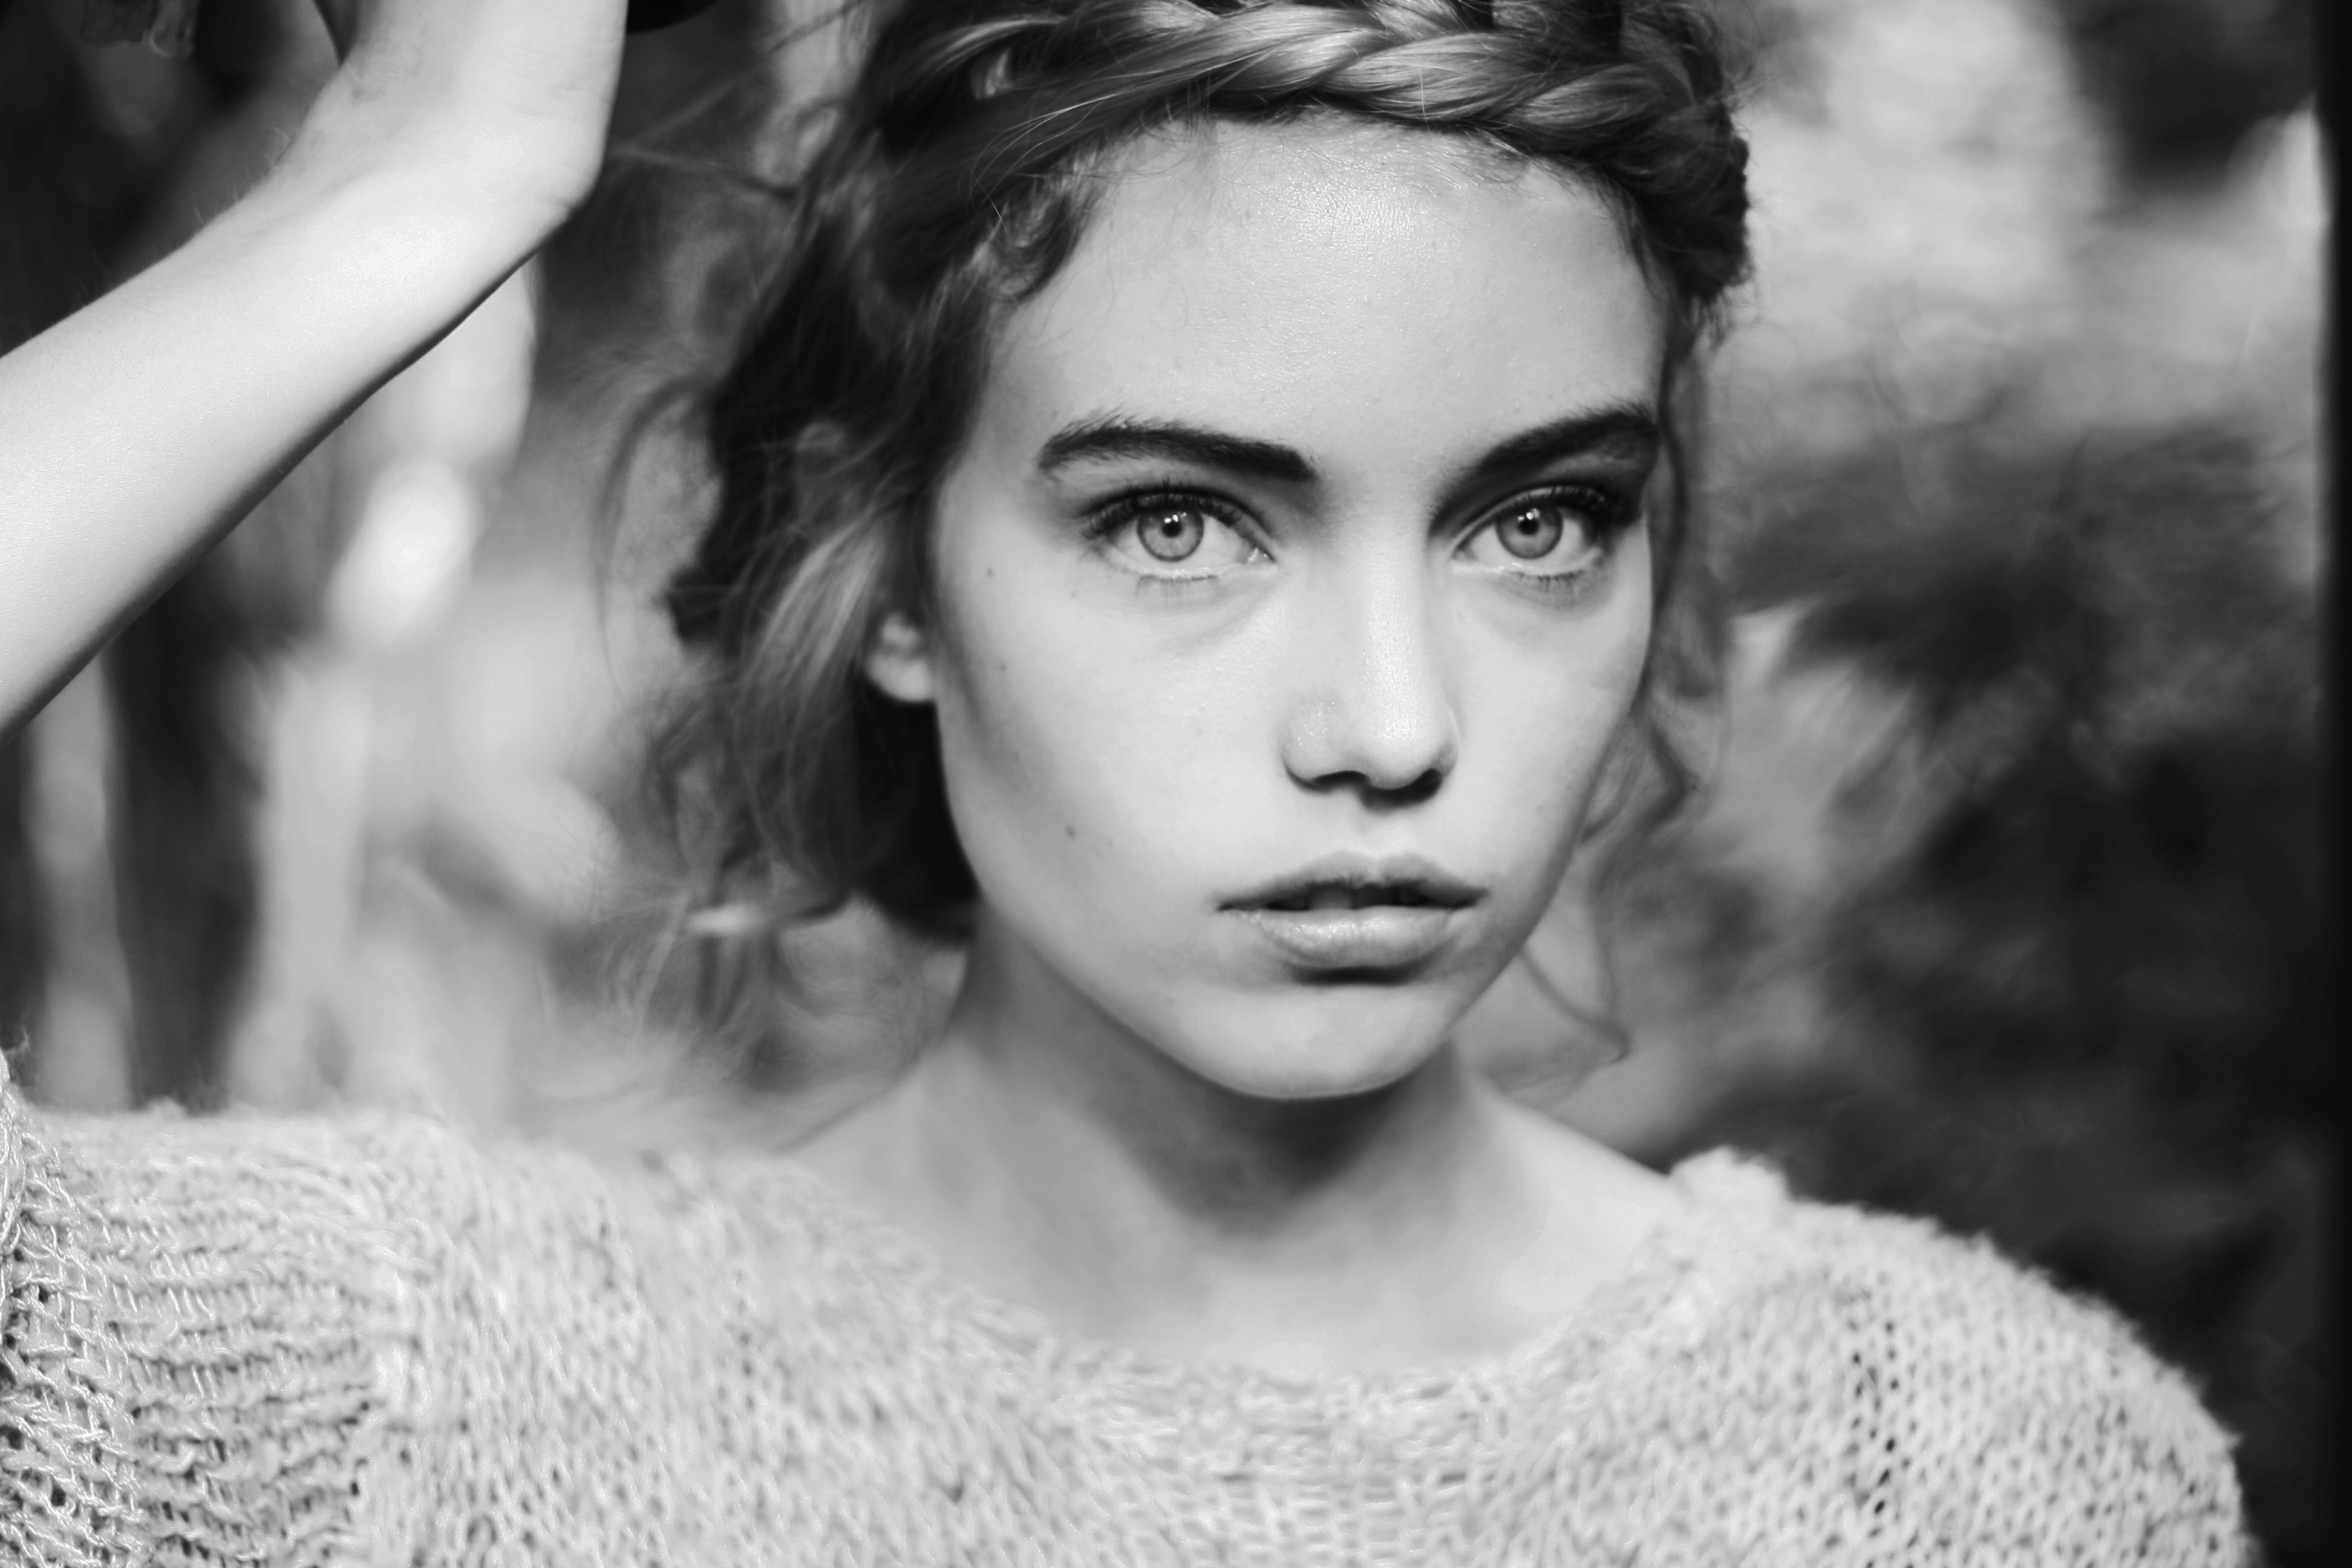 Hintergrundbilder Gesicht Weiß schwarz Frau einfarbig